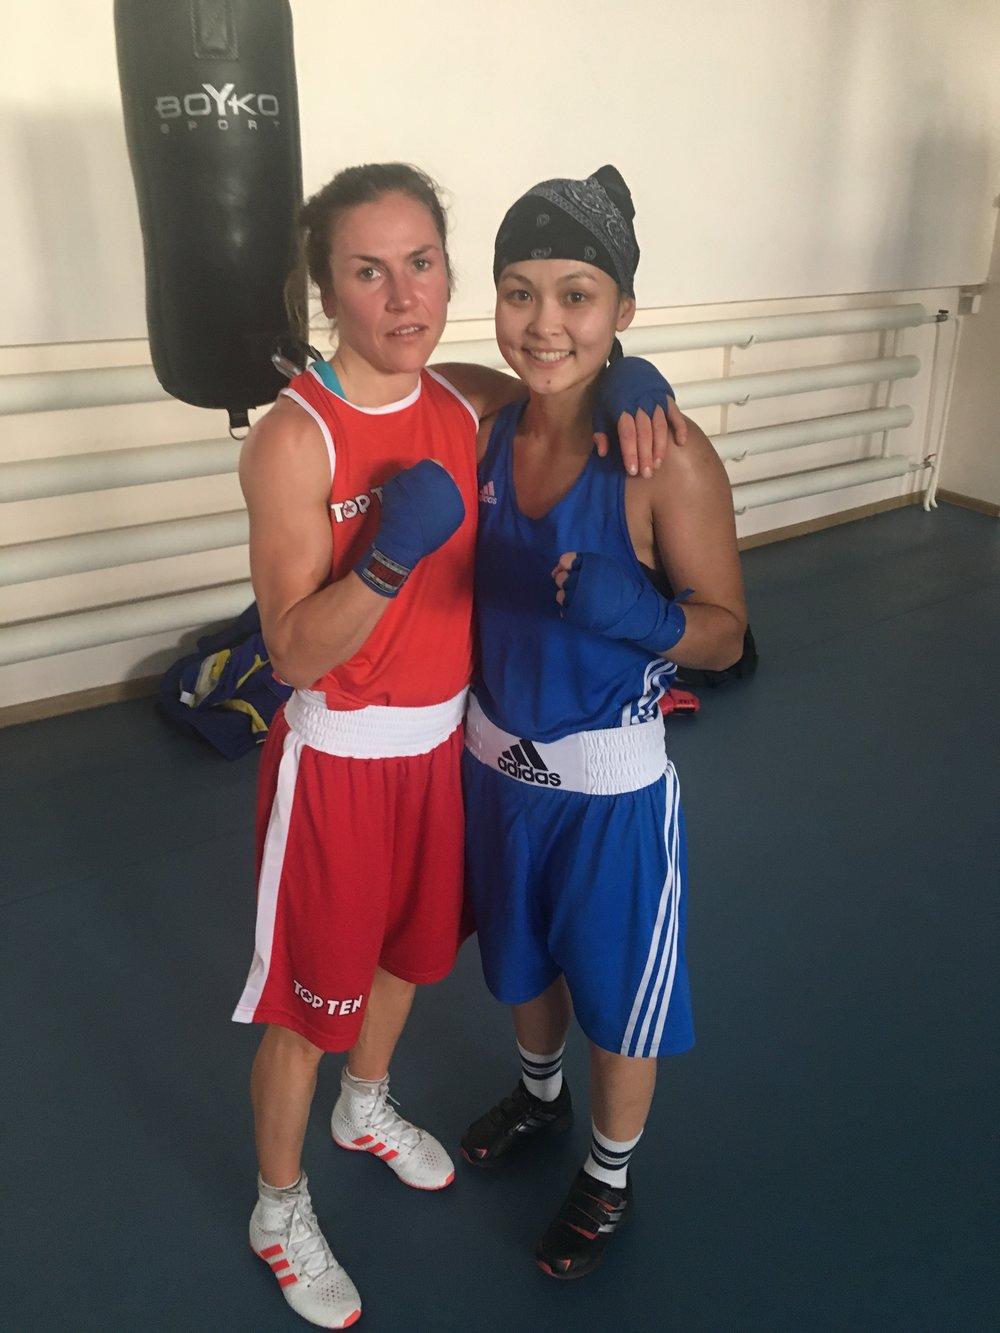 Alina turlubayeva ,48 kg. Rapp snabb och skicklig boxare , tack för bra motstånd.